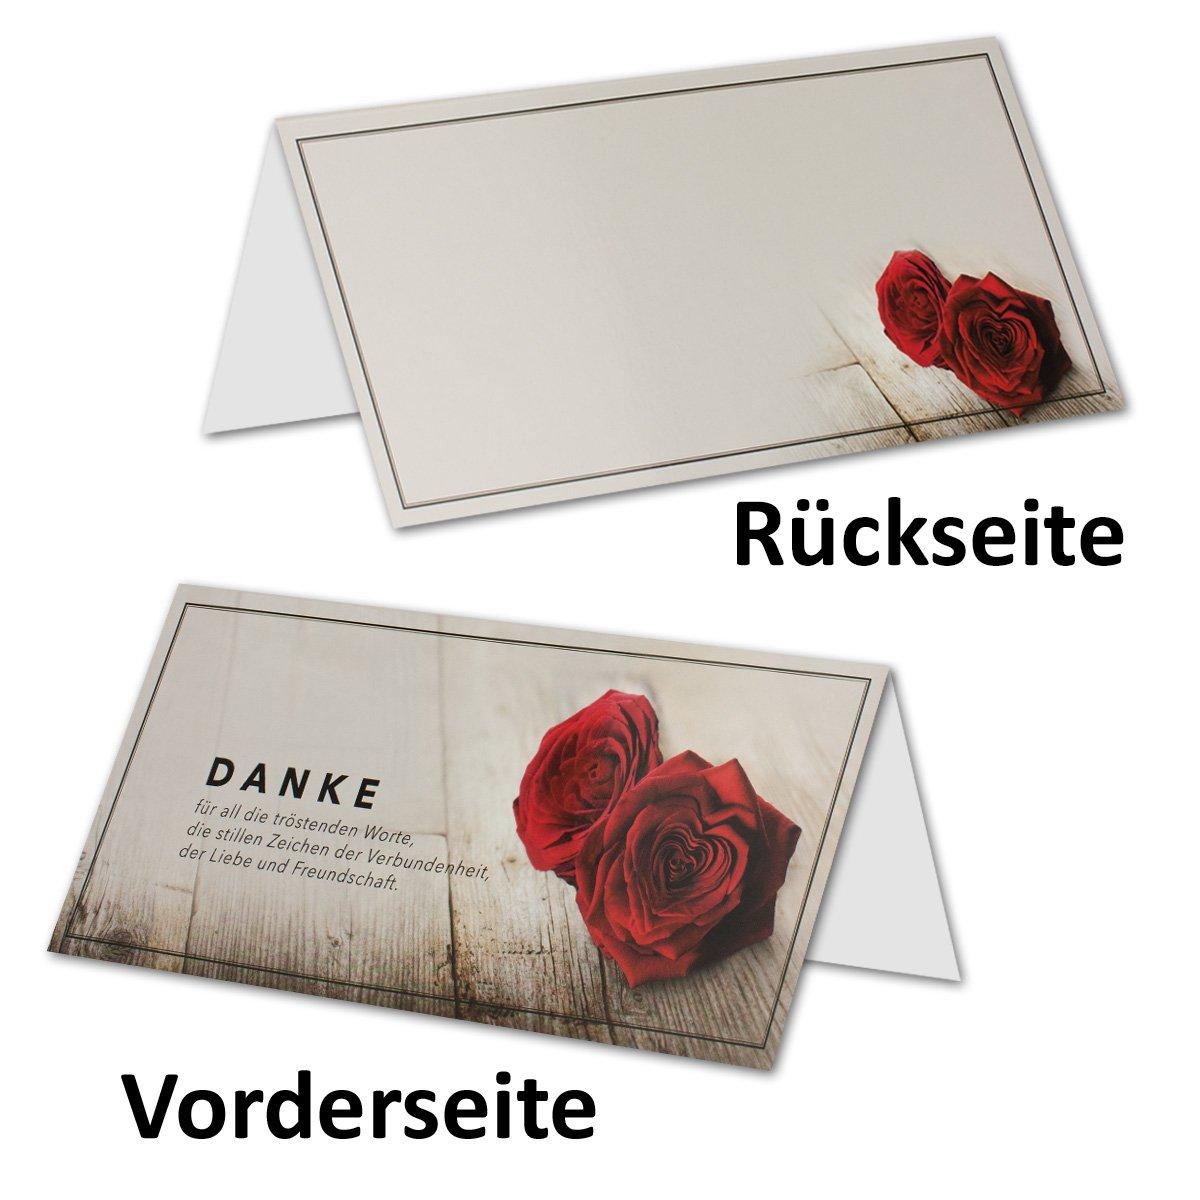 Trauer-Papiere by Gustav NEUSER DIN Lang Danksagung Komplett-Paket mit Umschlag /& Einlege-Bl/ätter /& schwarzem Schmuck-Band 10x Trauerkarten-Set Johanna Rosen-Motiv